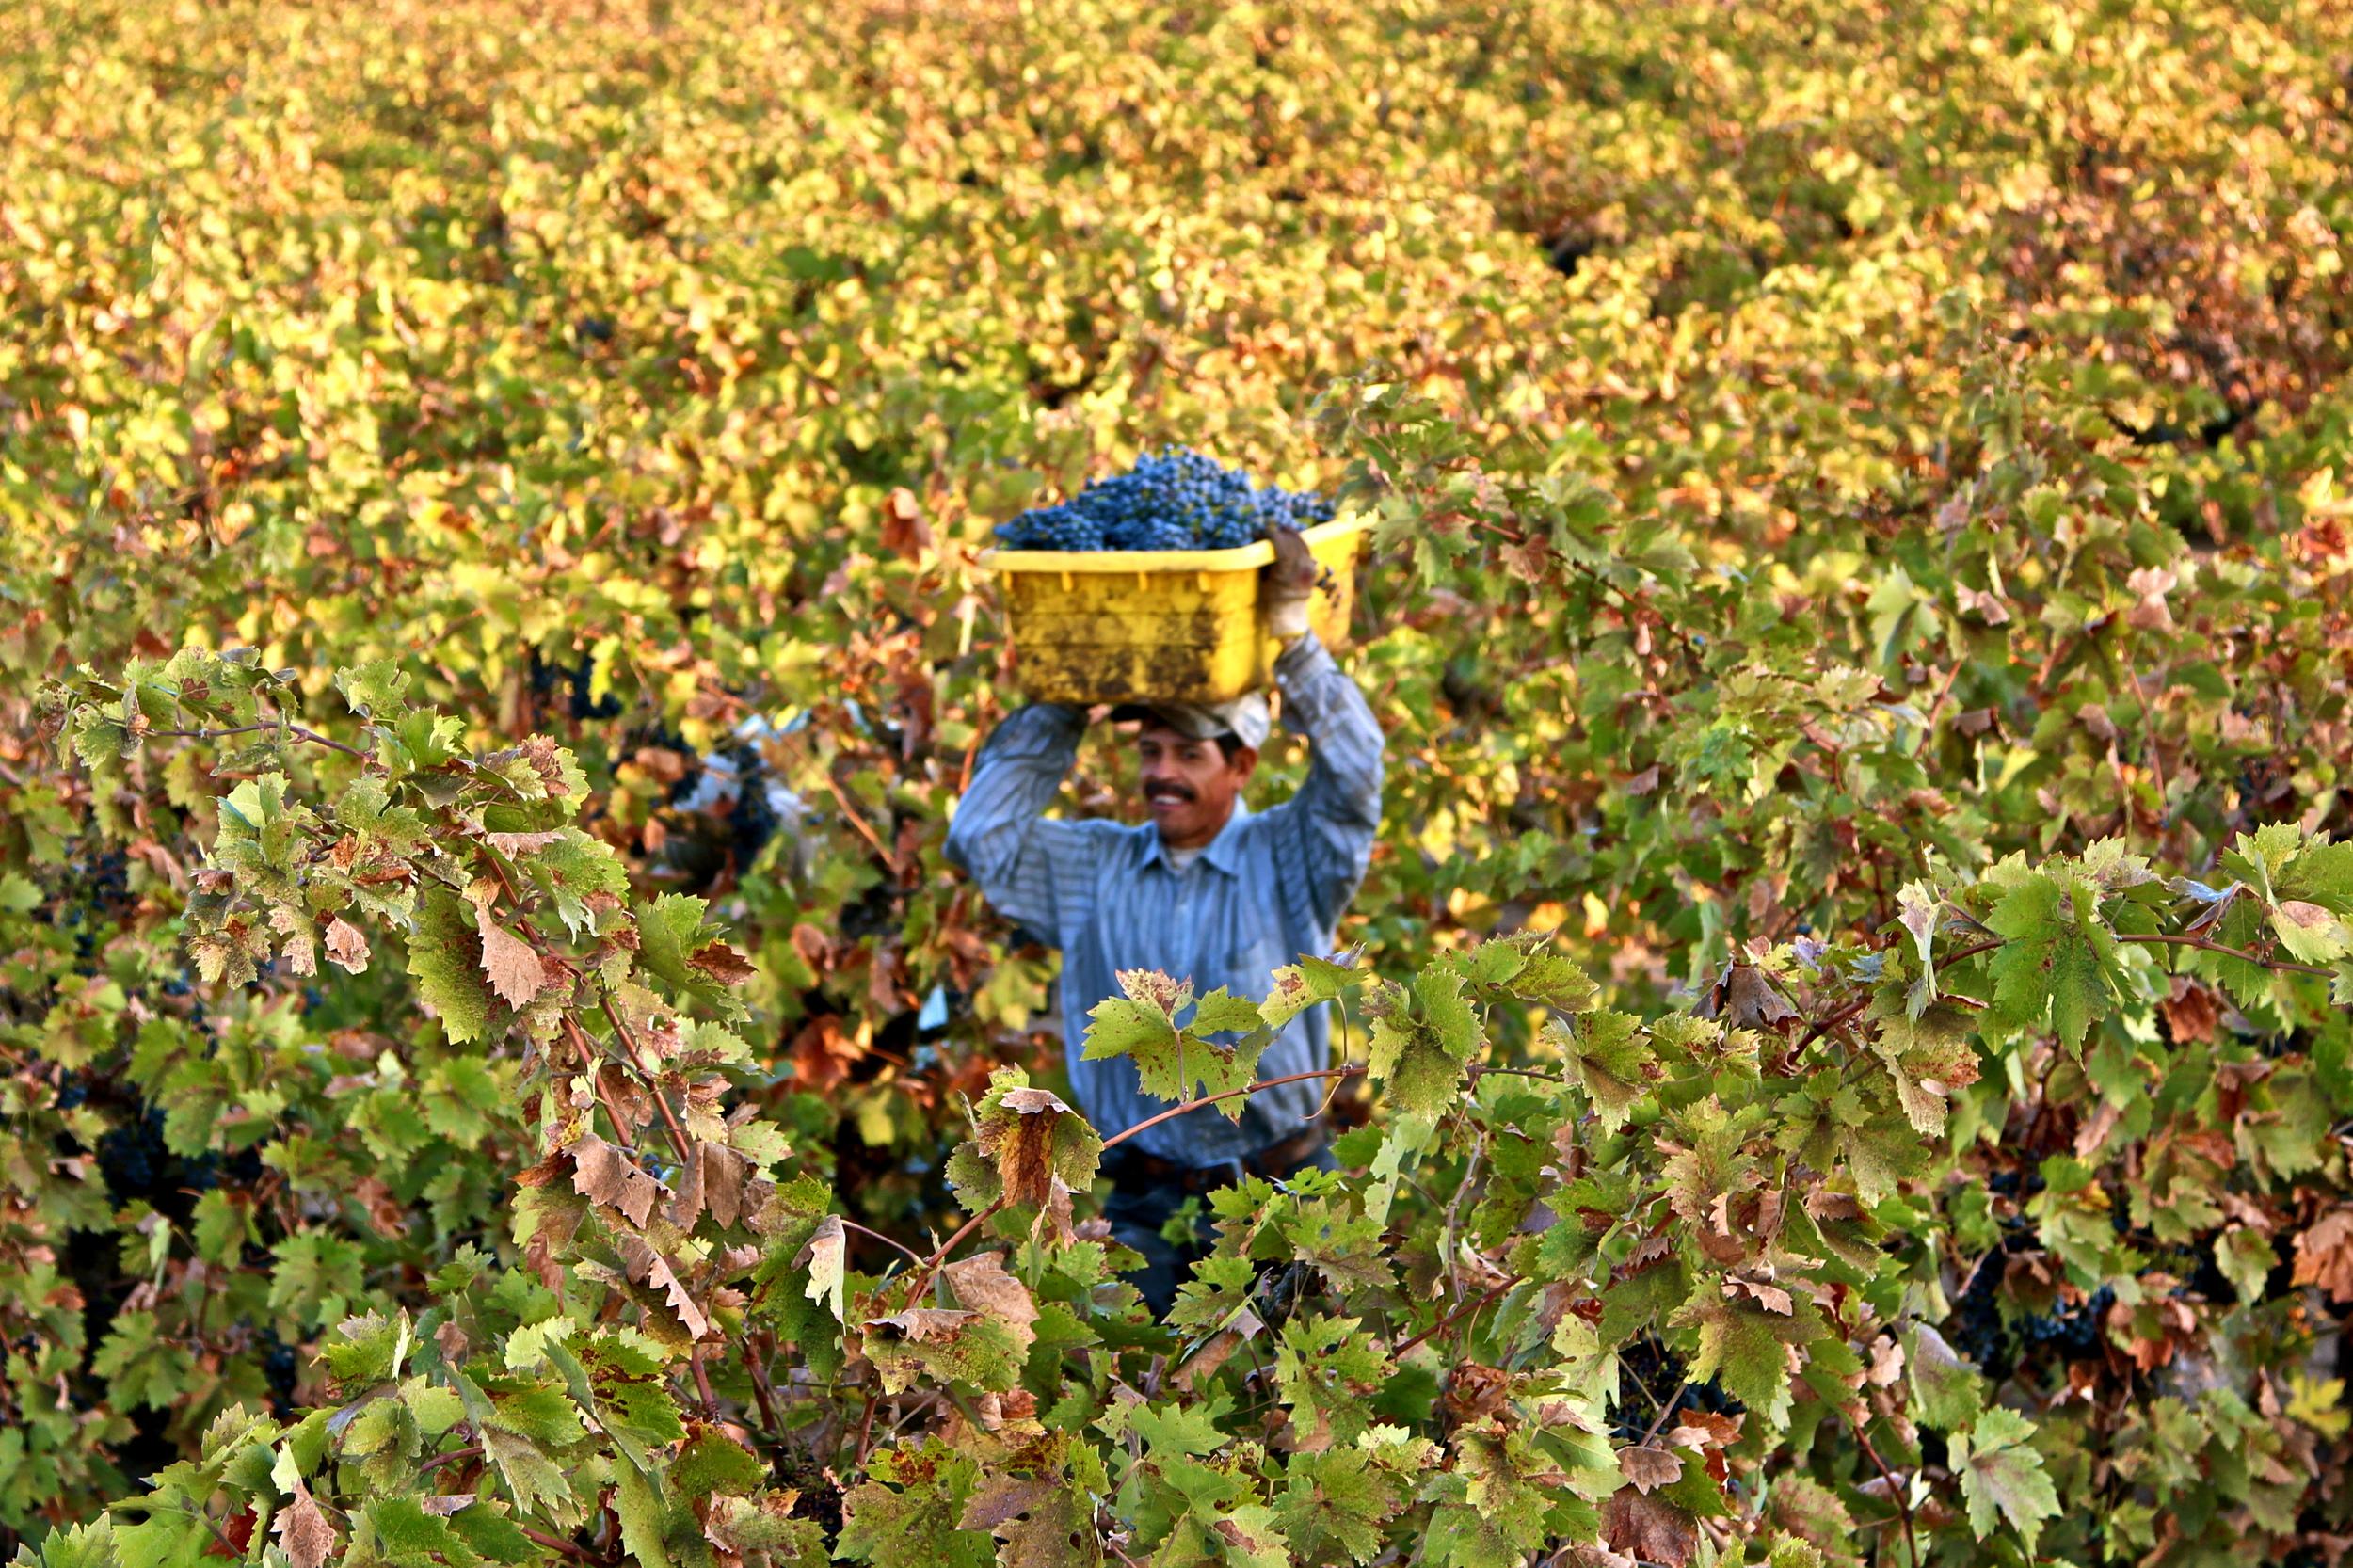 Harvest in Lodi (photo by Randy Caparoso)